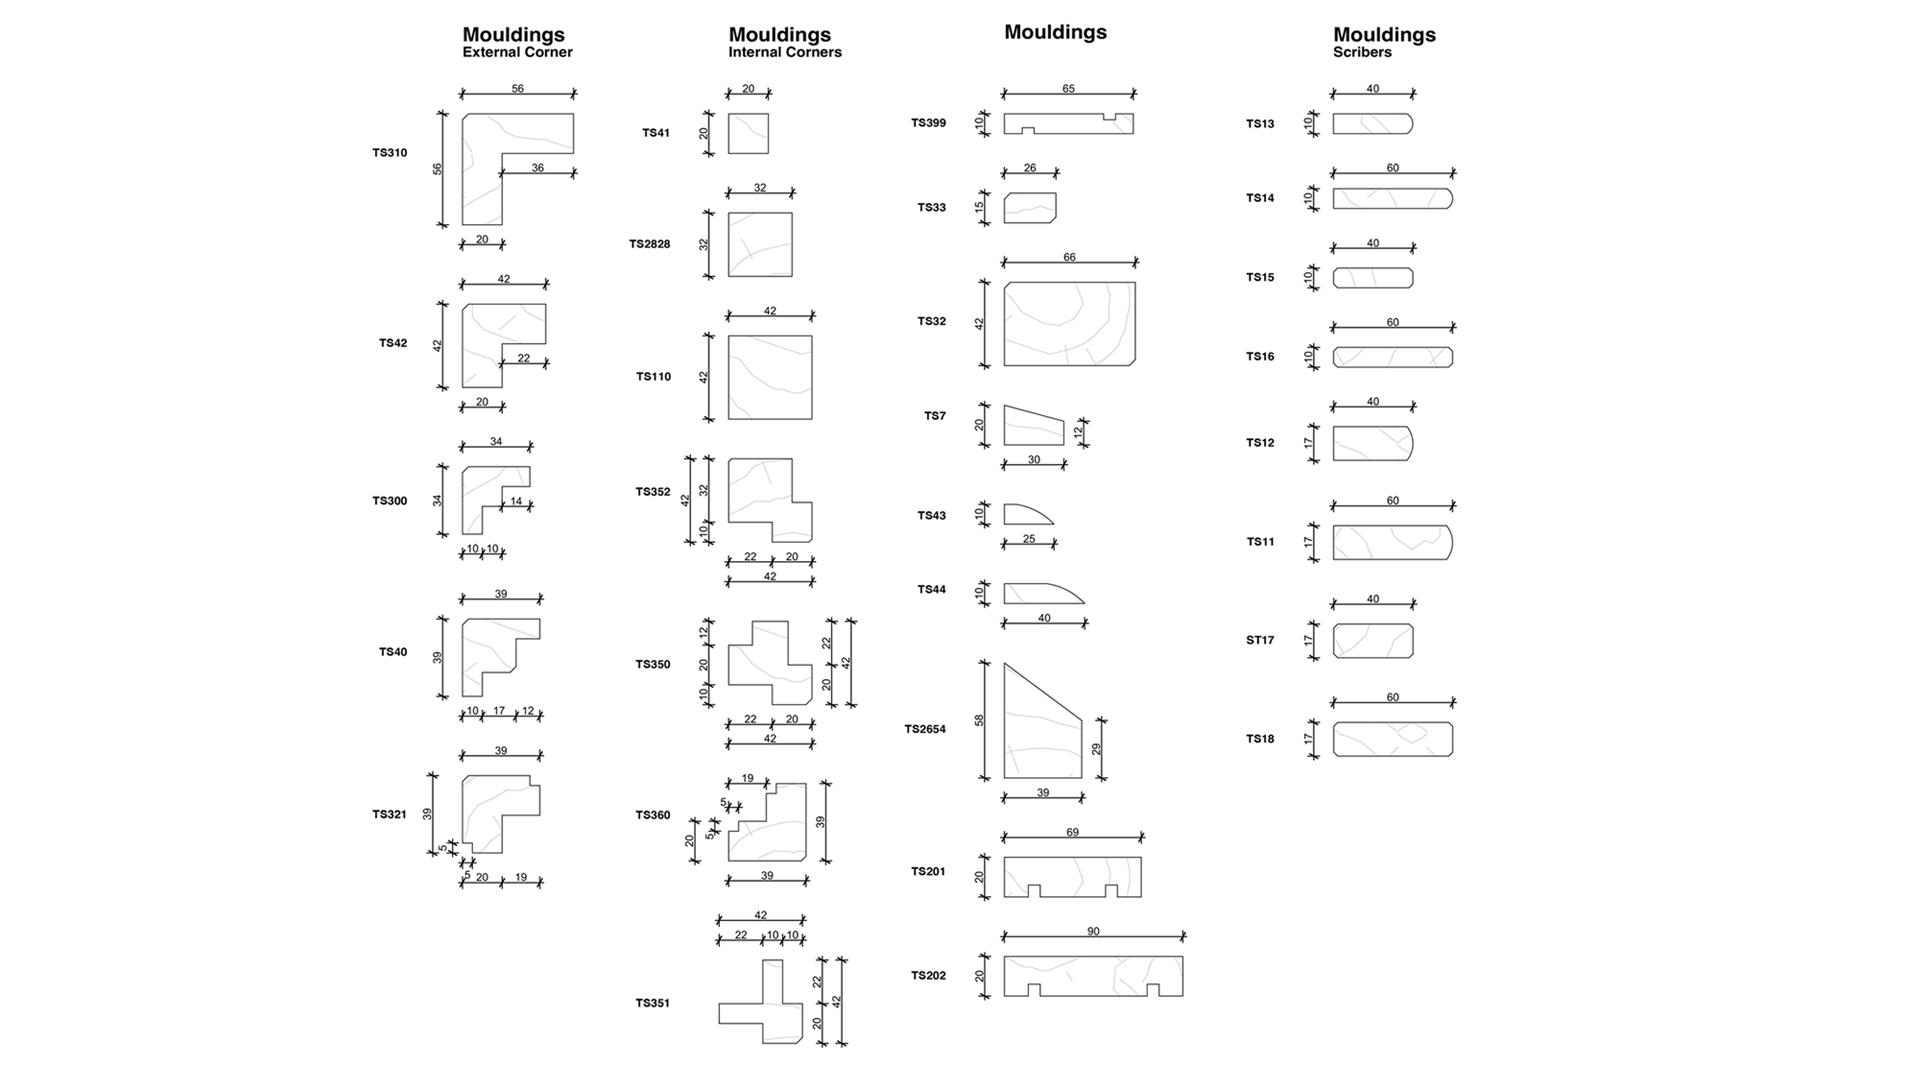 TS Profiles - mouldings